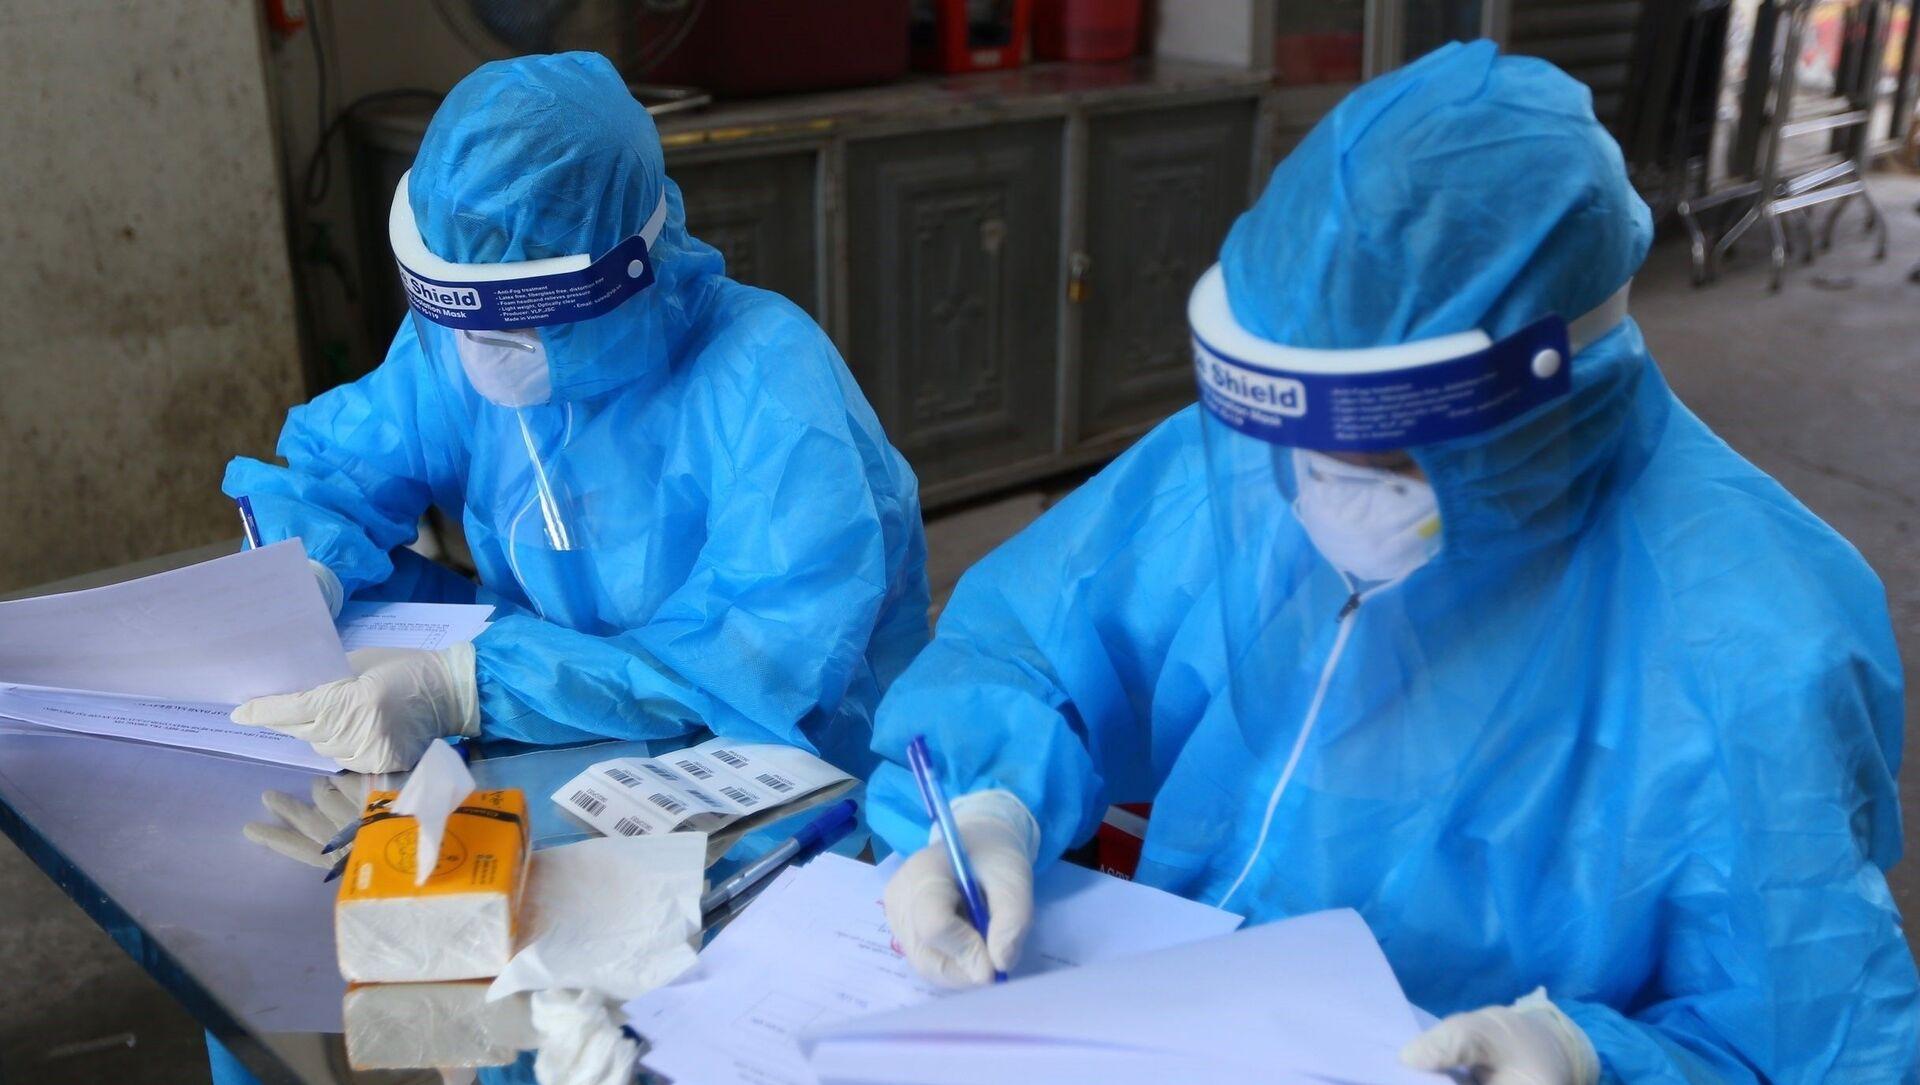 Nhân viên y tế lấy thông tin tất cả người dân lấy mẫu. - Sputnik Việt Nam, 1920, 02.09.2021